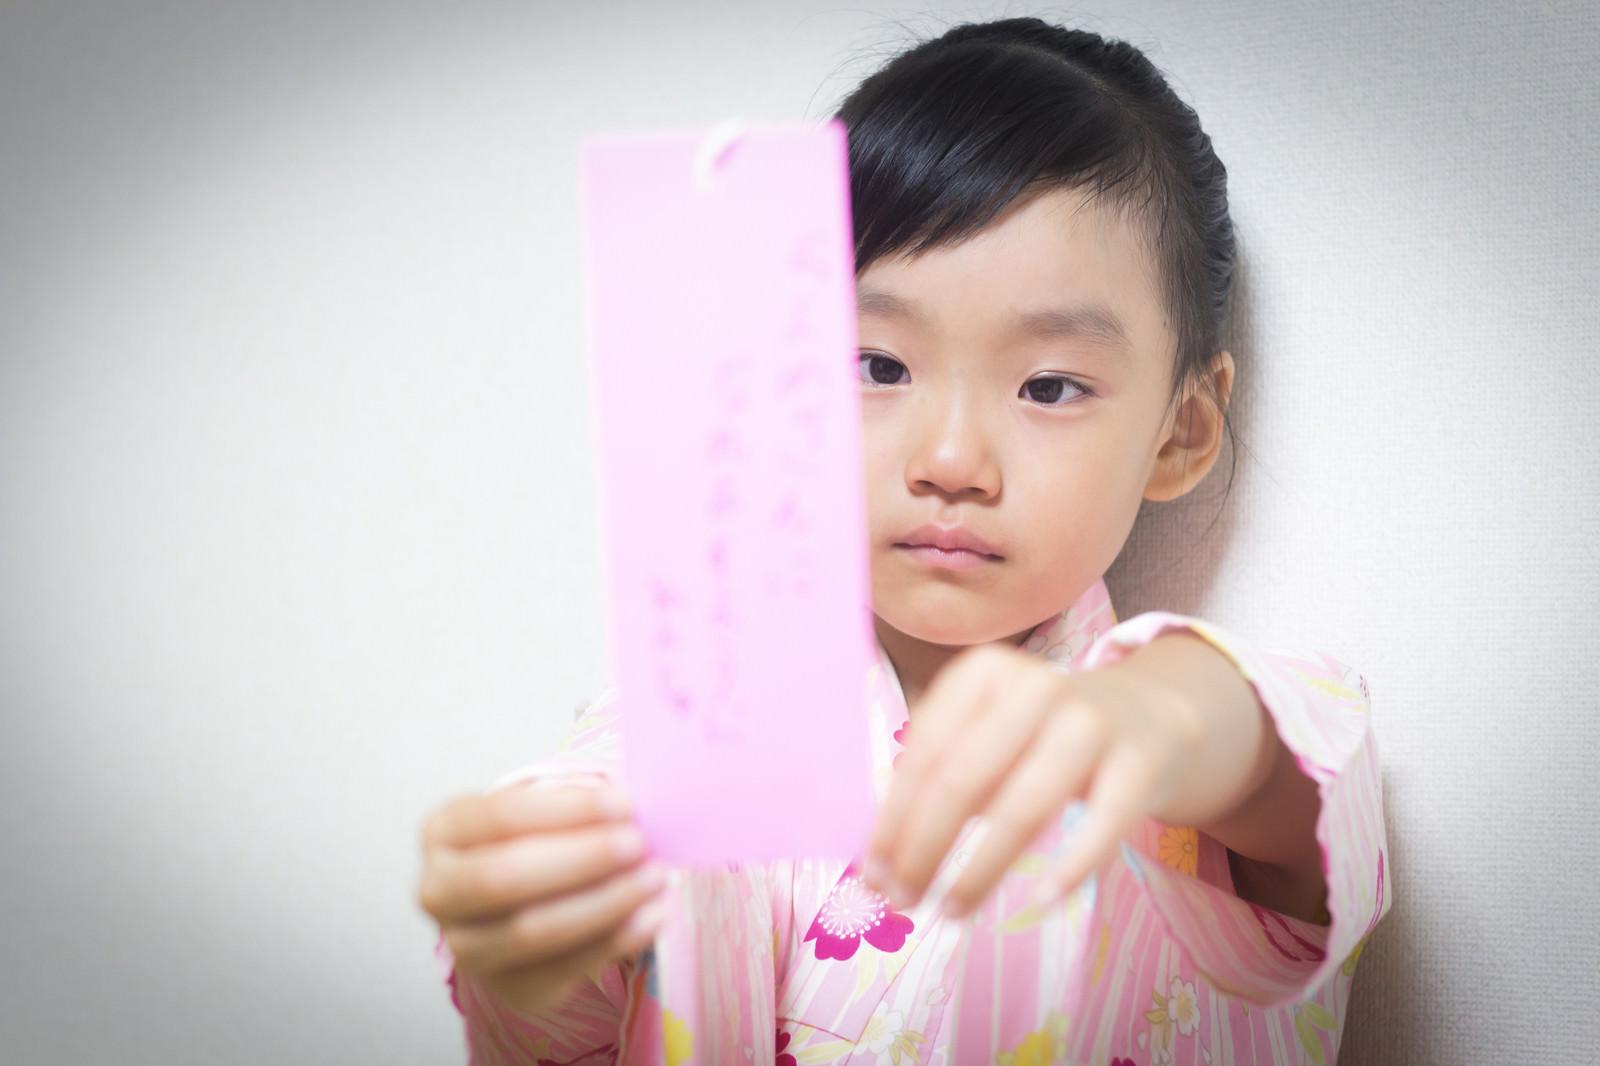 「願い事を書いた短冊が不満な女の子 | 写真の無料素材・フリー素材 - ぱくたそ」の写真[モデル:あんじゅ]